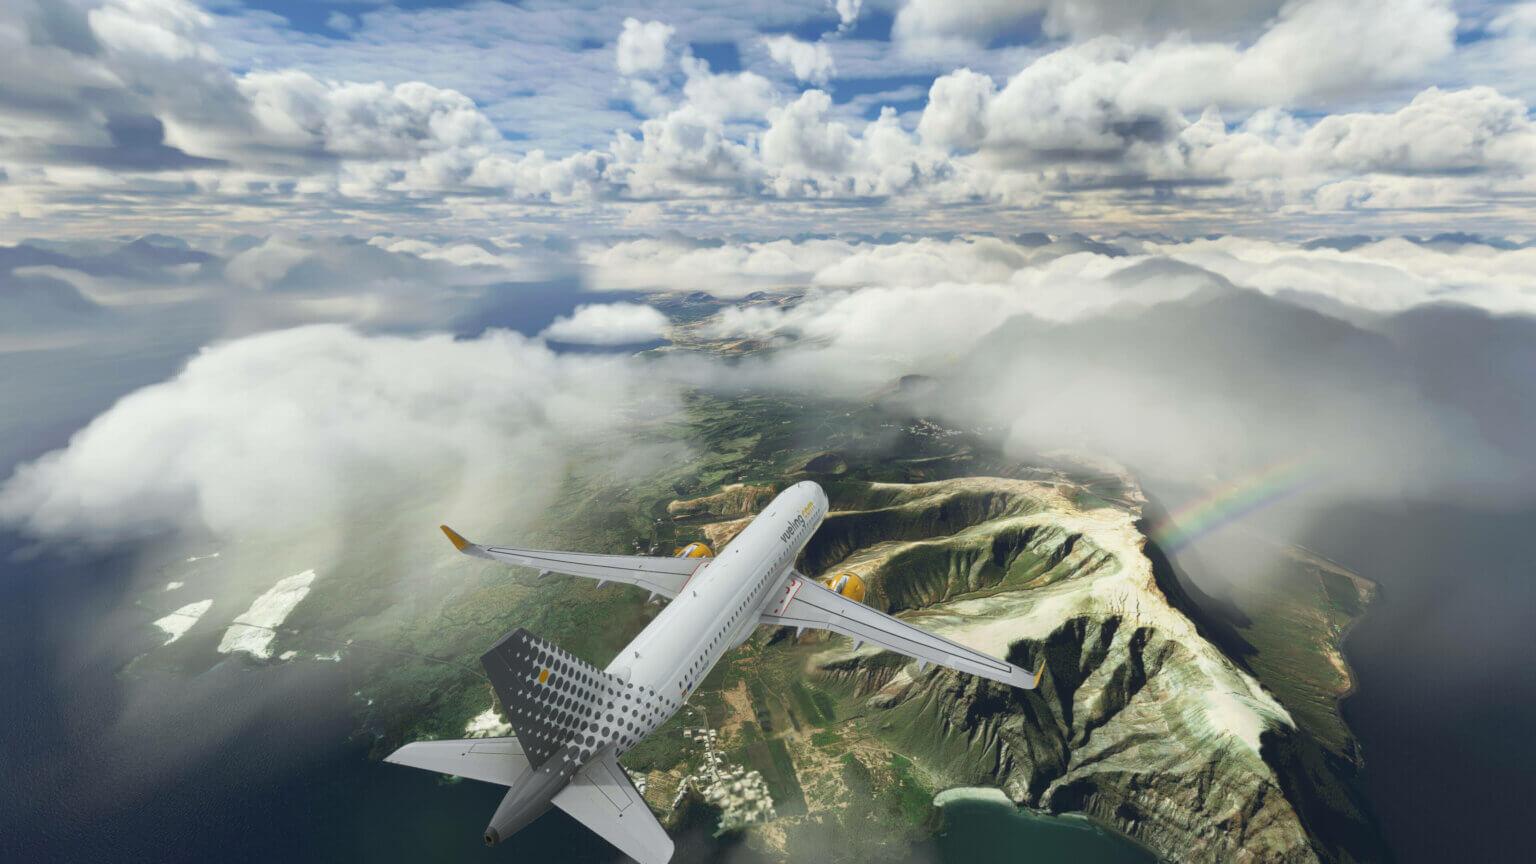 Flight Simulator: Hotfix (v1.18.15.0)